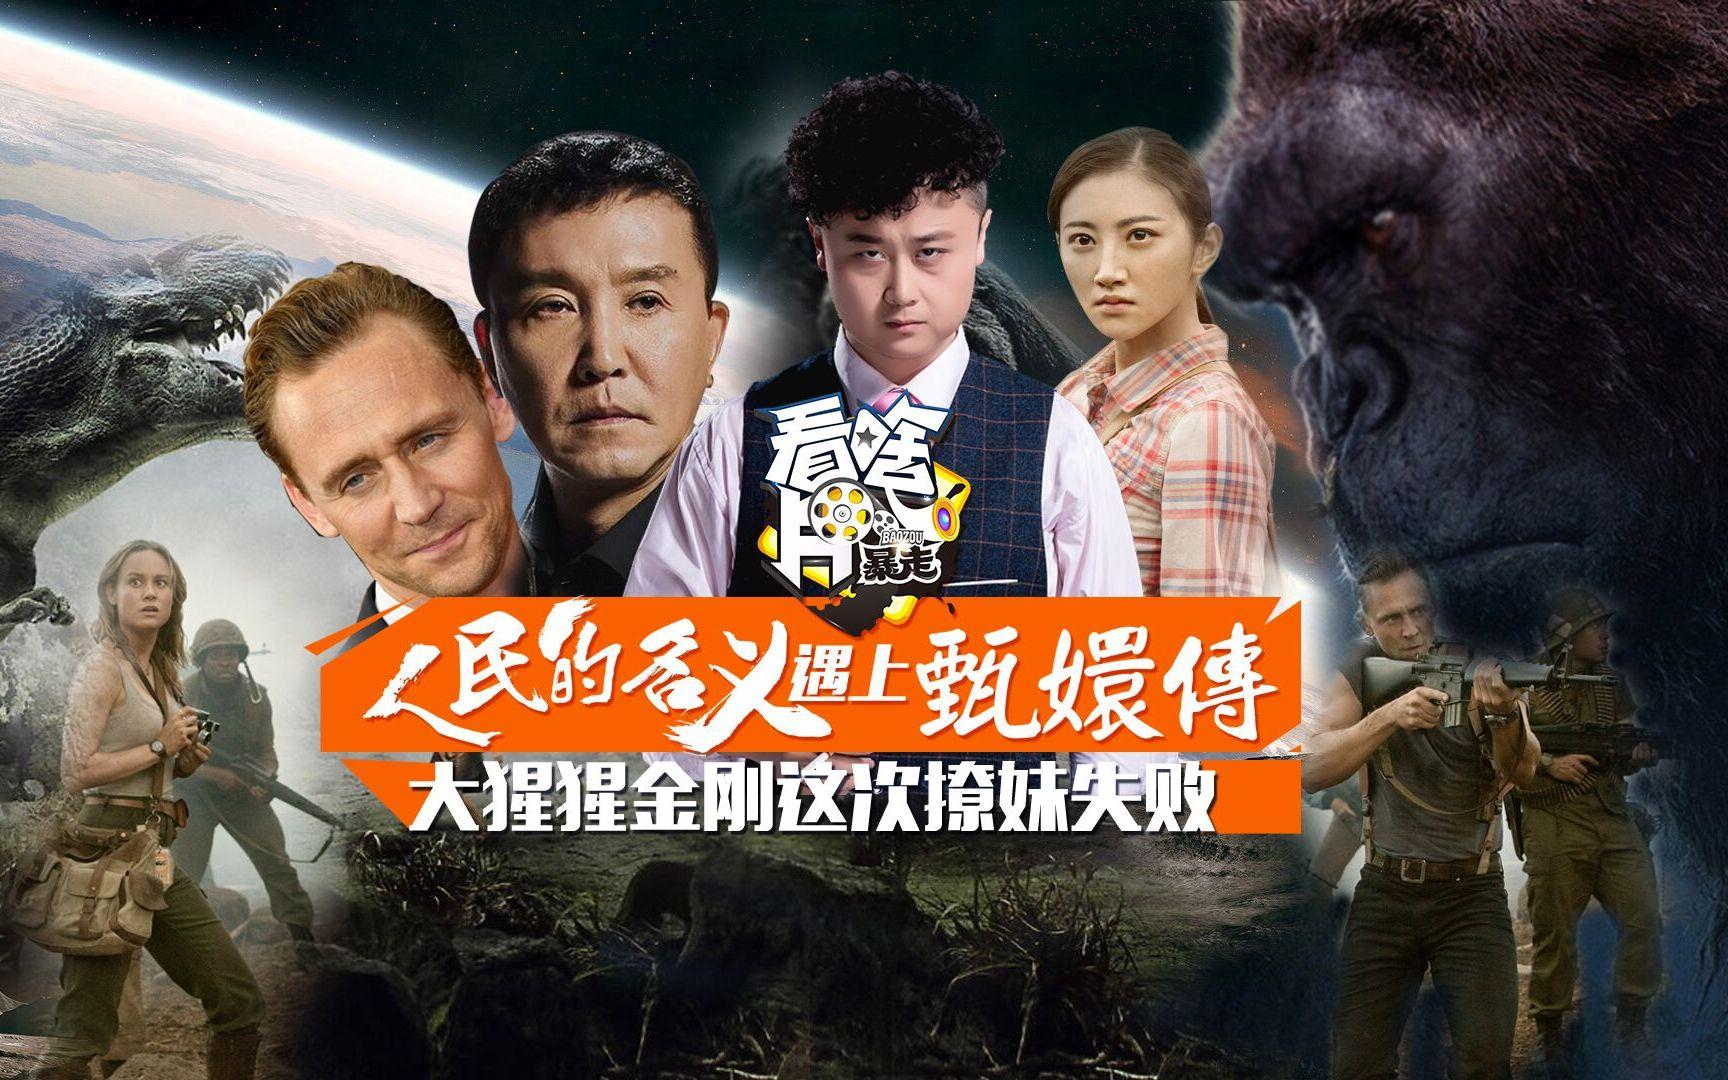 【暴走看啥片儿第三季】85人民的名义遇上甄嬛传,大猩猩金刚这次撩妹失败